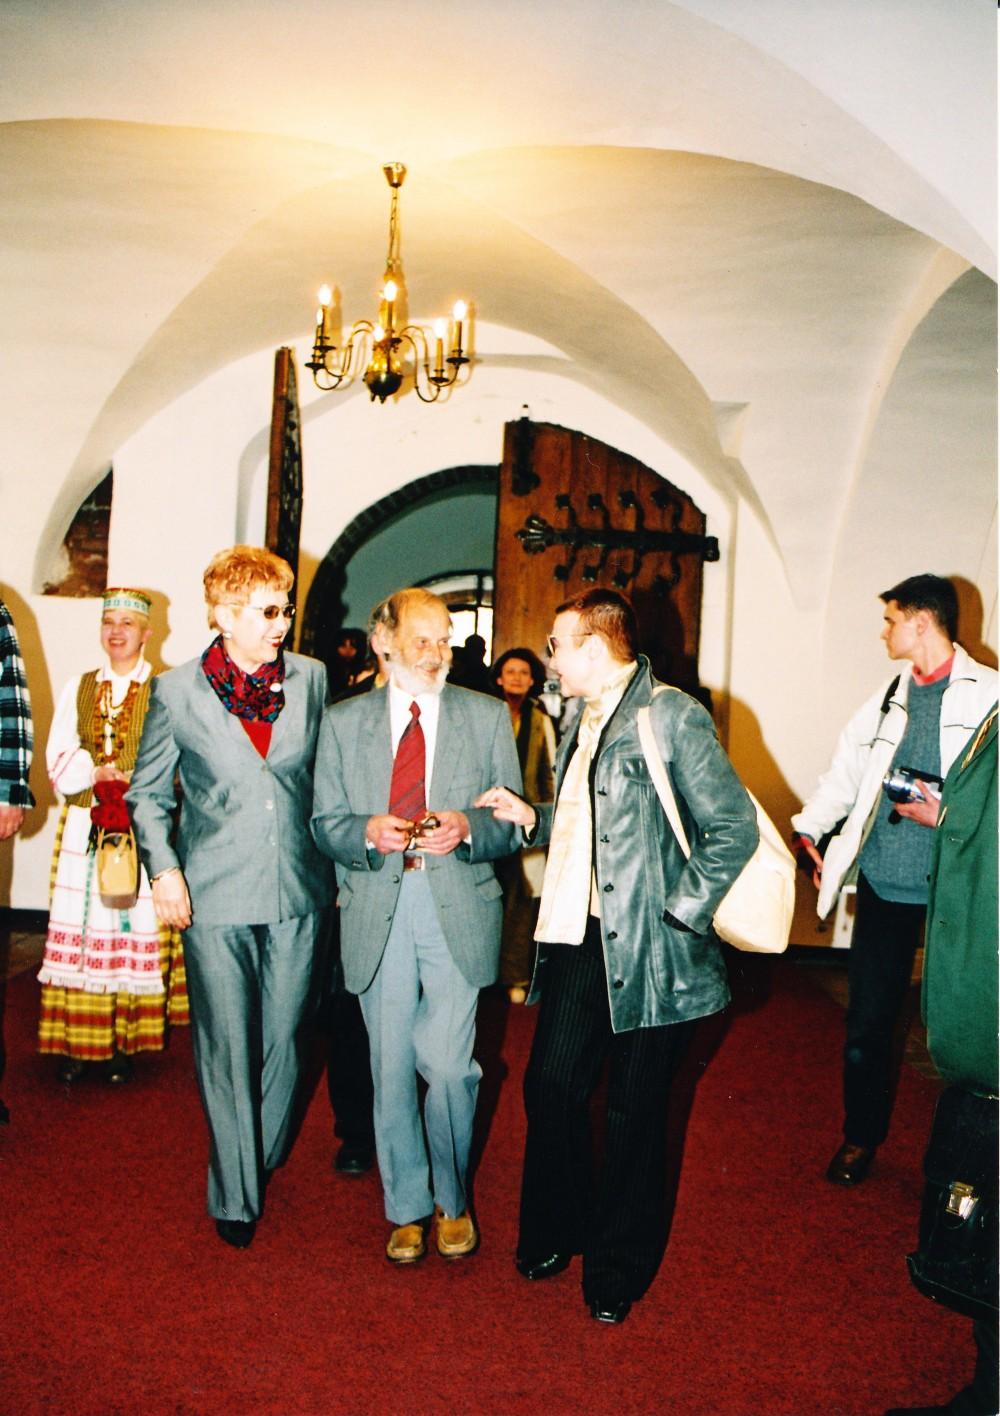 Aldona Ruseckaitė, Vladas Baltuškevičius ir Onė Baliukonė – 2004 m. Poezijos pavasario dalyviai Kauno Rotušėje. 2004 m. gegužės 28 d.